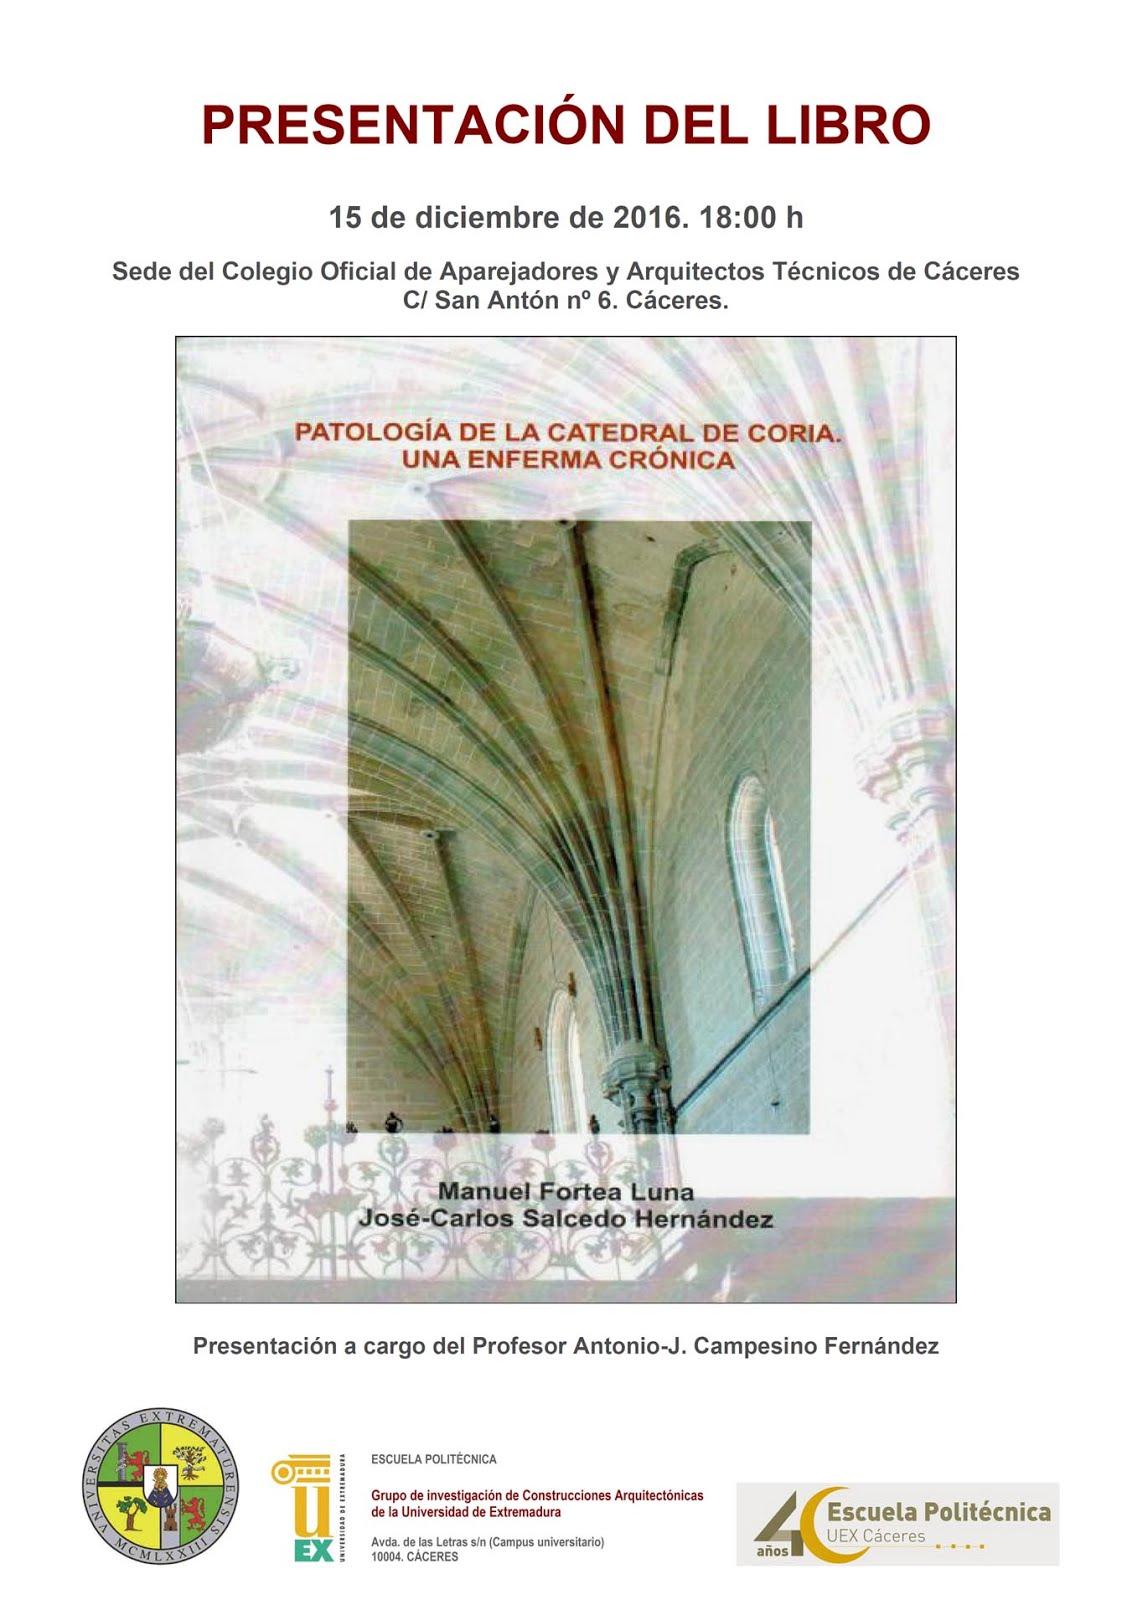 PRESENTACIÓN DEL LIBRO SOBRE LA PATOLOGÍA DE LA CATEDRAL DE CORIA